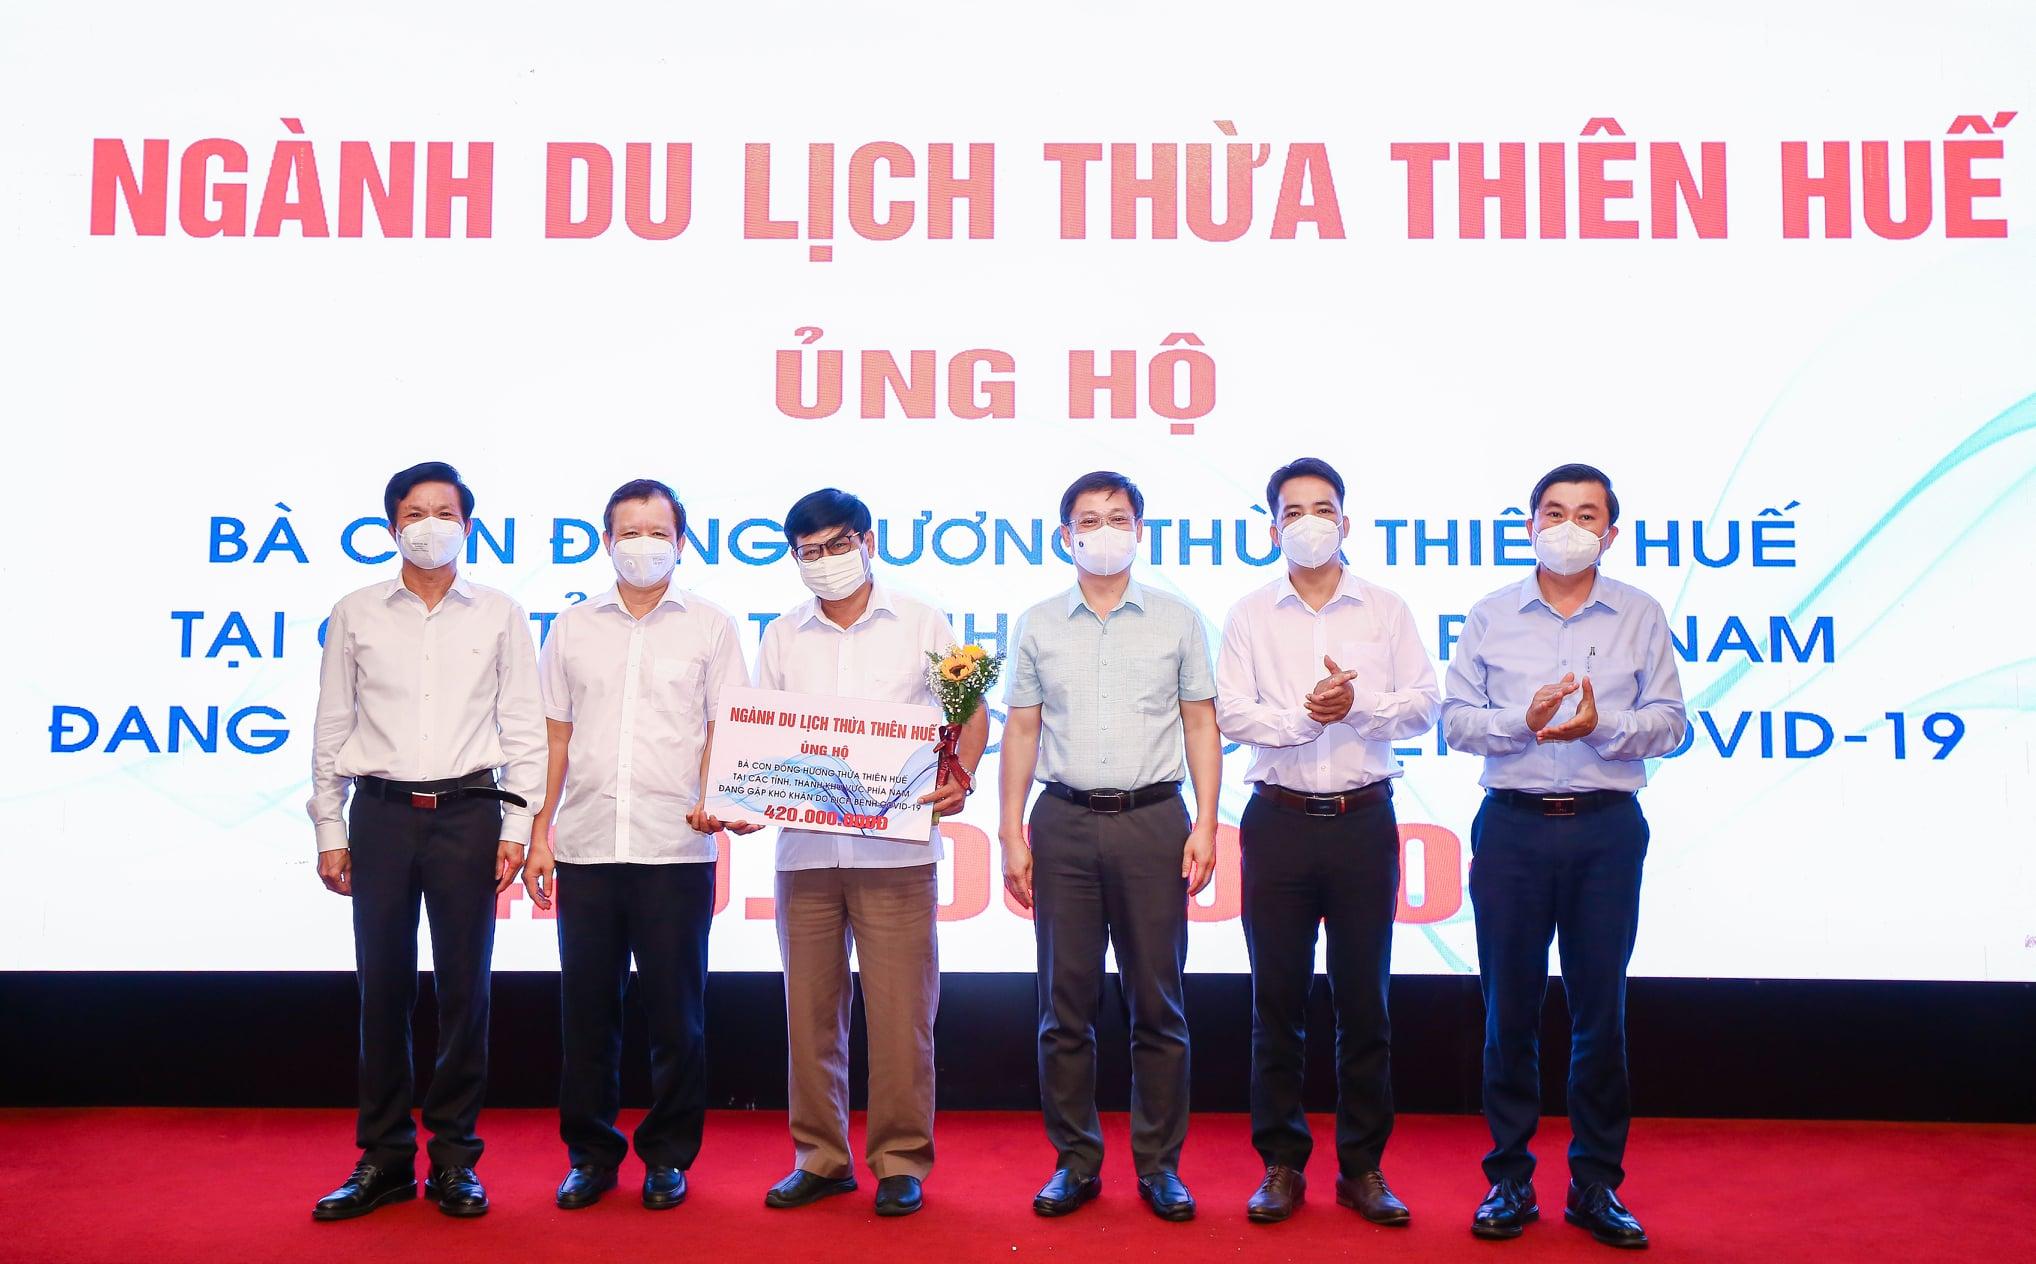 44 đơn vị, cá nhân trong ngành du lịch, dịch vụ tỉnh Thừa Thiên Huế ủng hộ kinh phí và vật chất với trị giá 455 triệu đồng để hỗ trợ đồng hương tại các tỉnh phía Nam đang gặp khó khăn do dịch COVID-19.